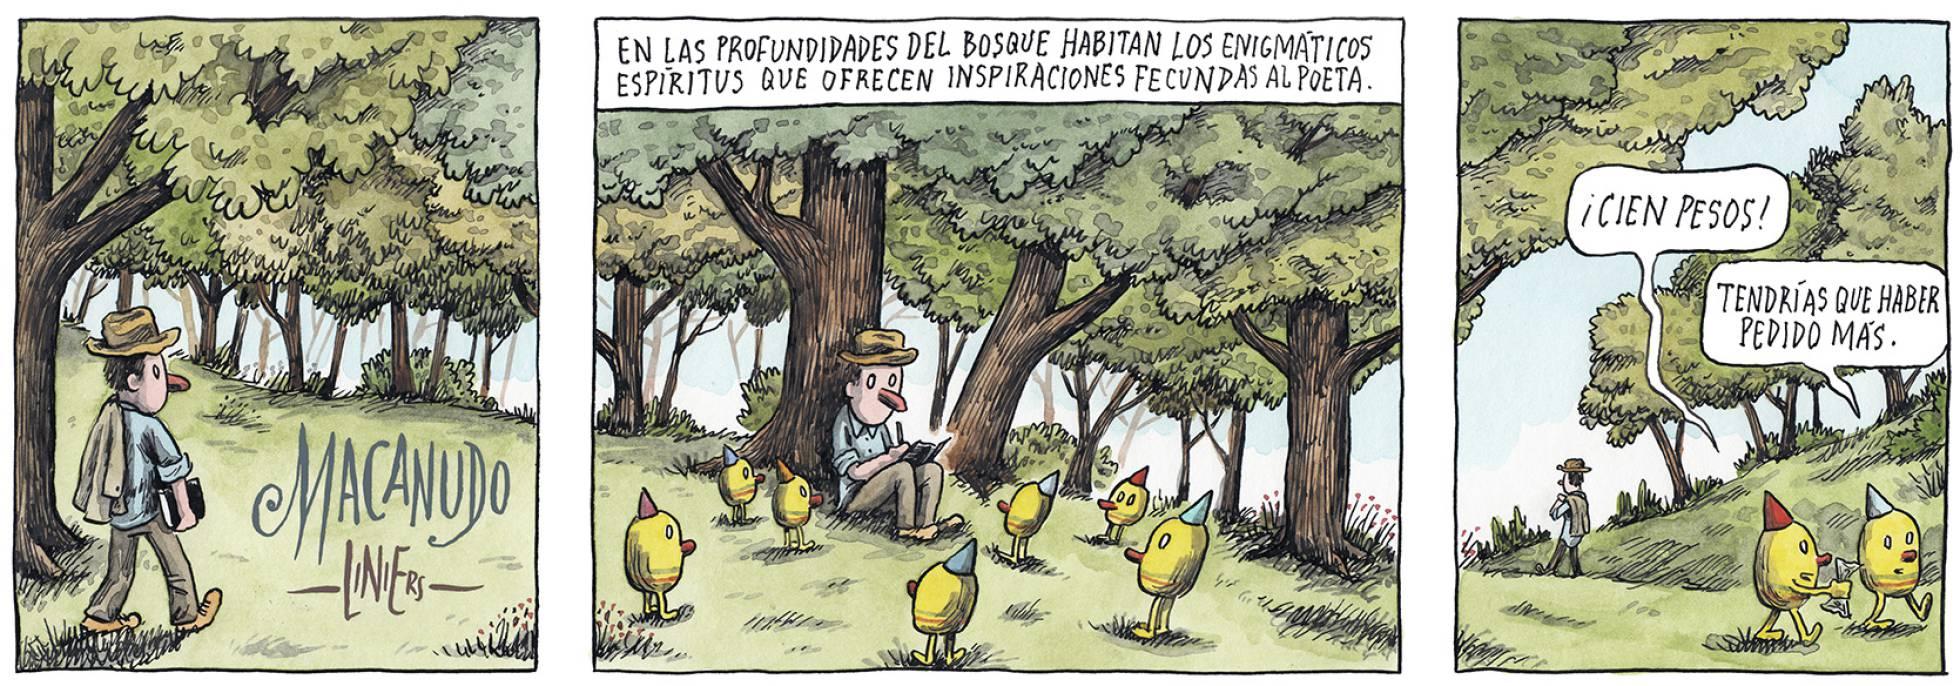 Liniers, en El País Semanal, 20/01/2019